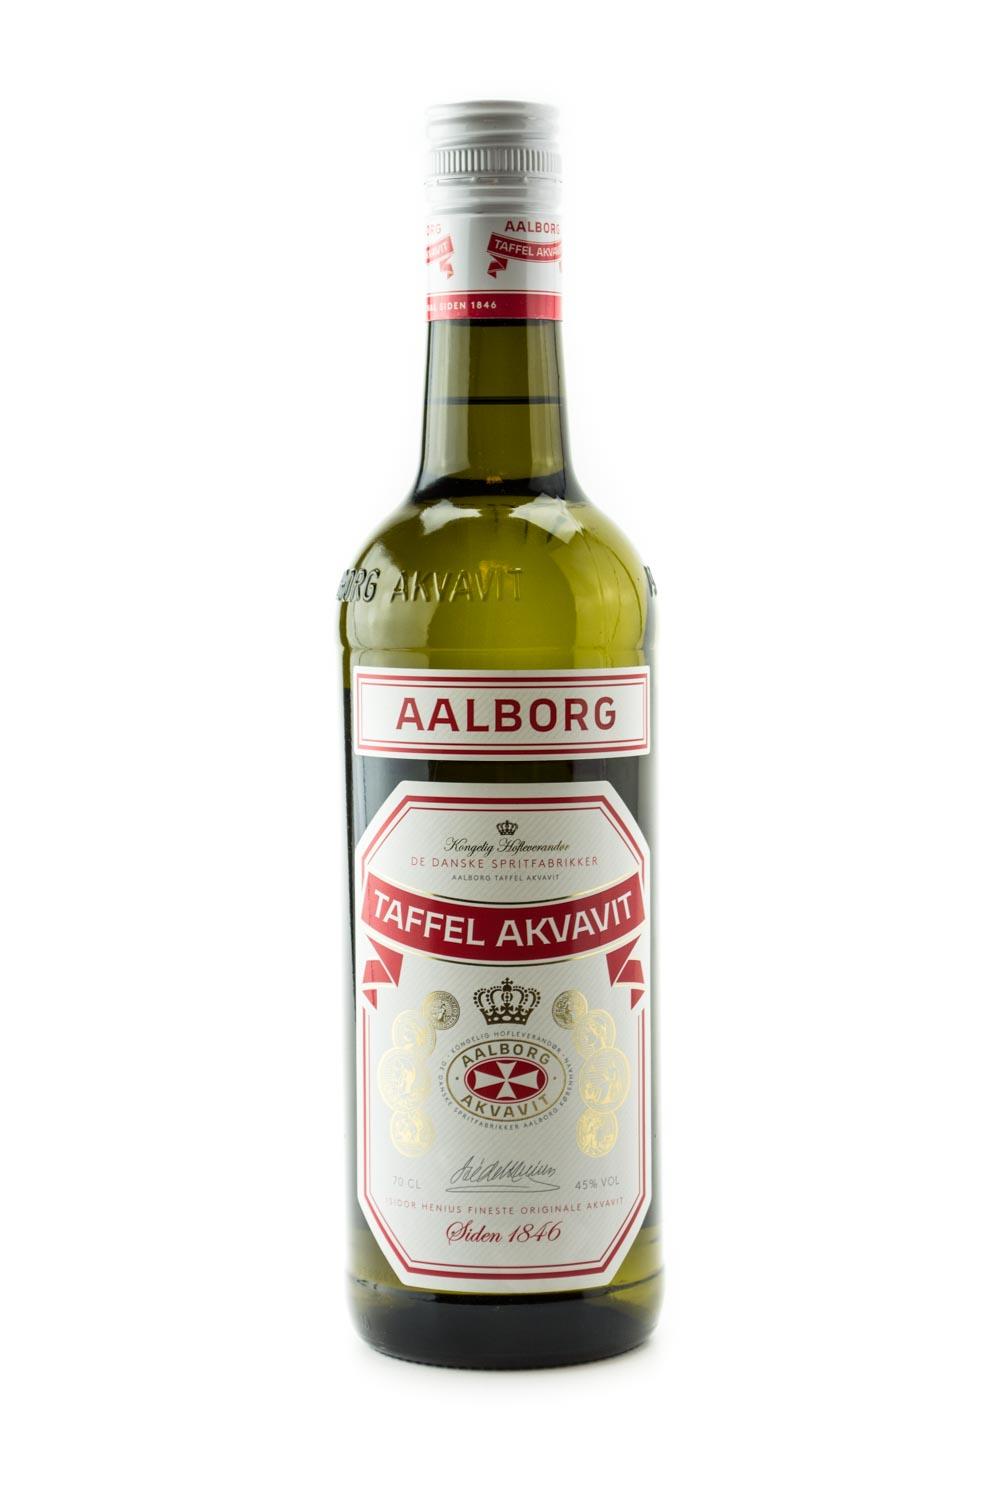 Aalborg Taffel Aquavit 45% 0,7l